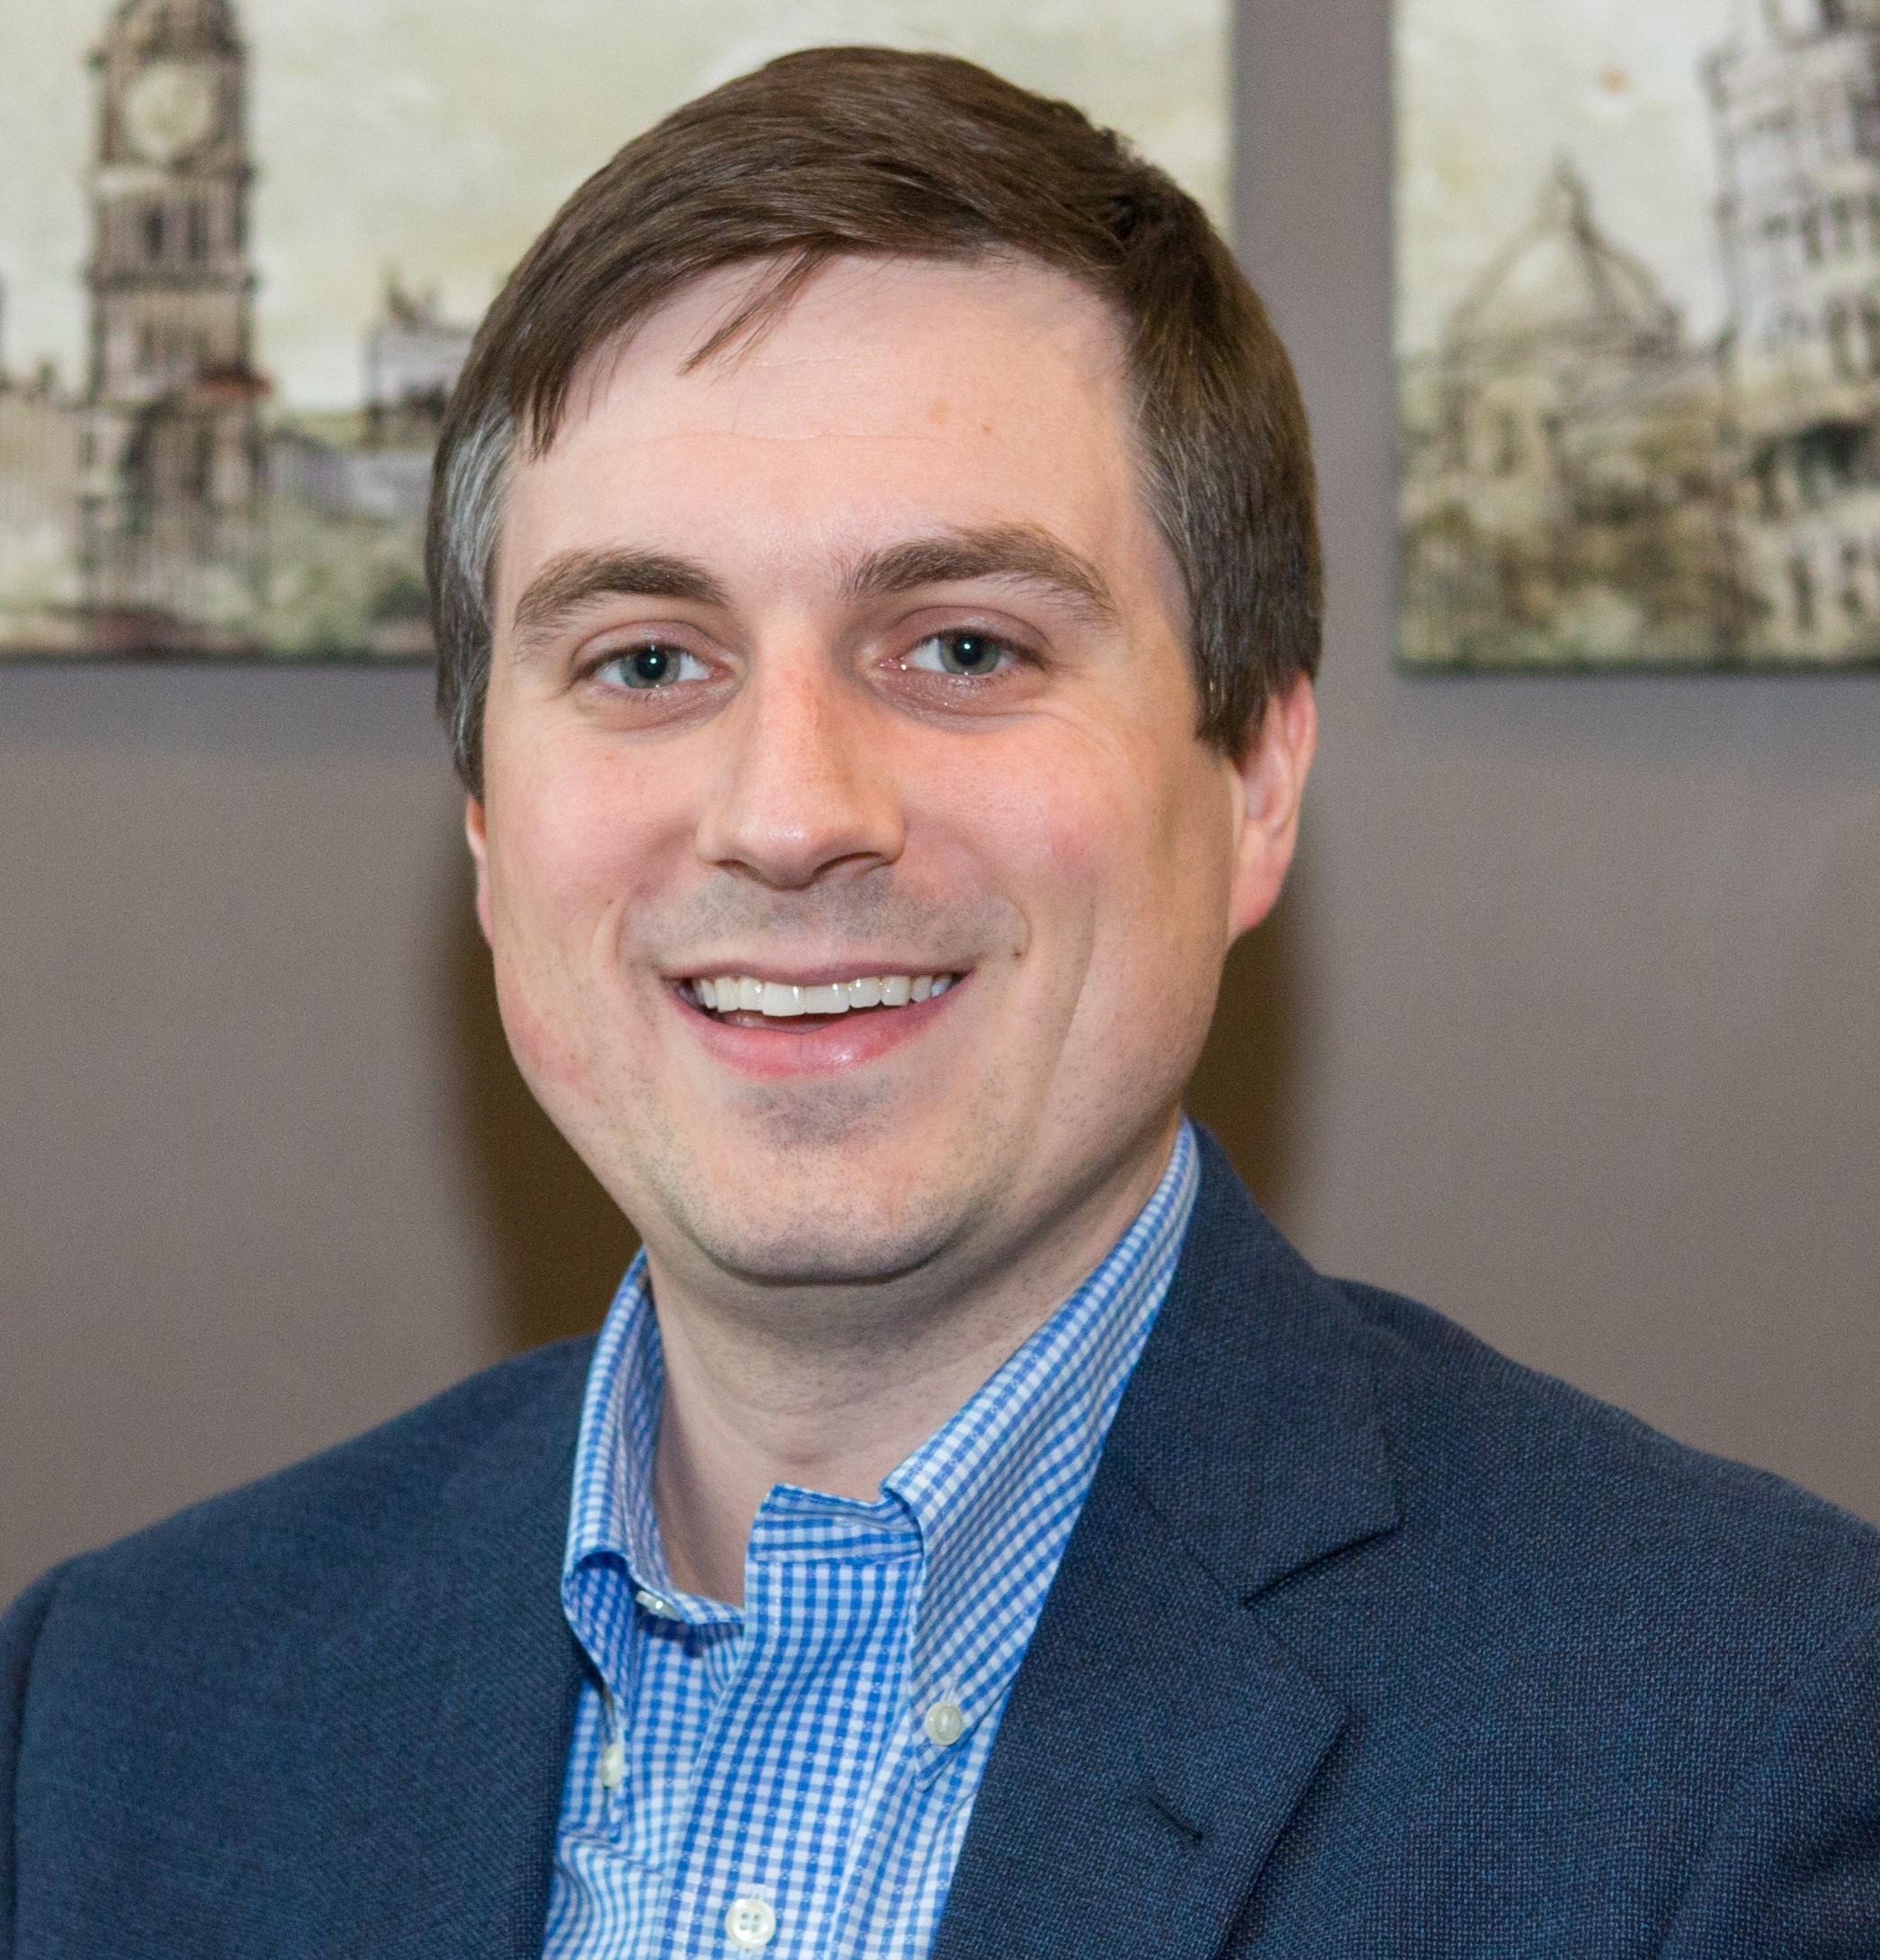 Thomas Godwin - Deacon and Treasurer